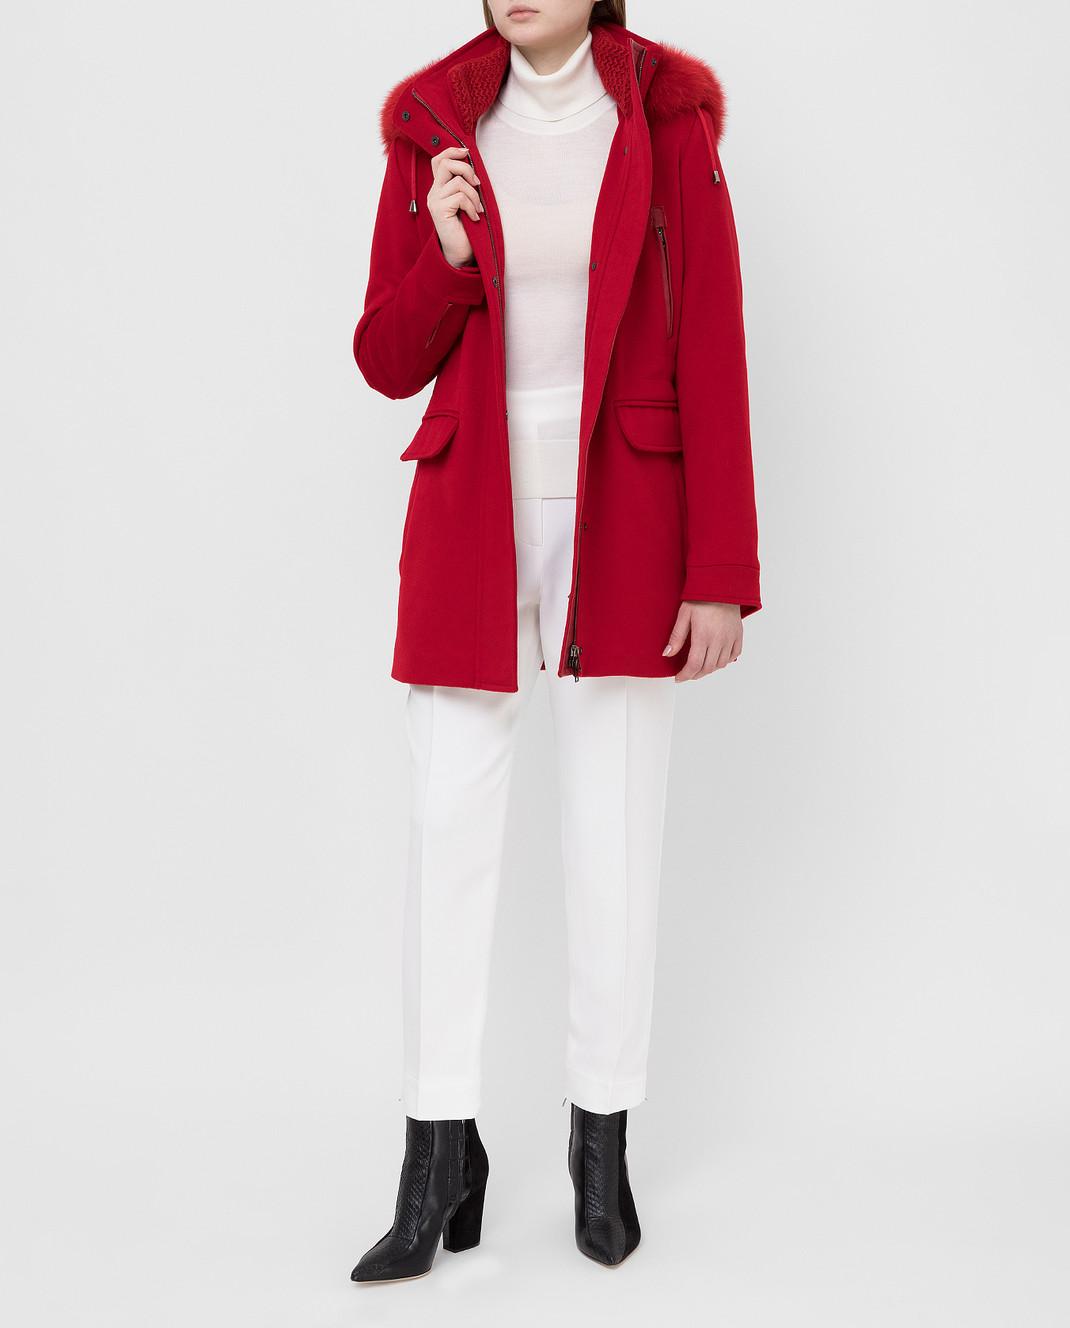 Heresis Красное пальто из шерсти P1080VO изображение 2